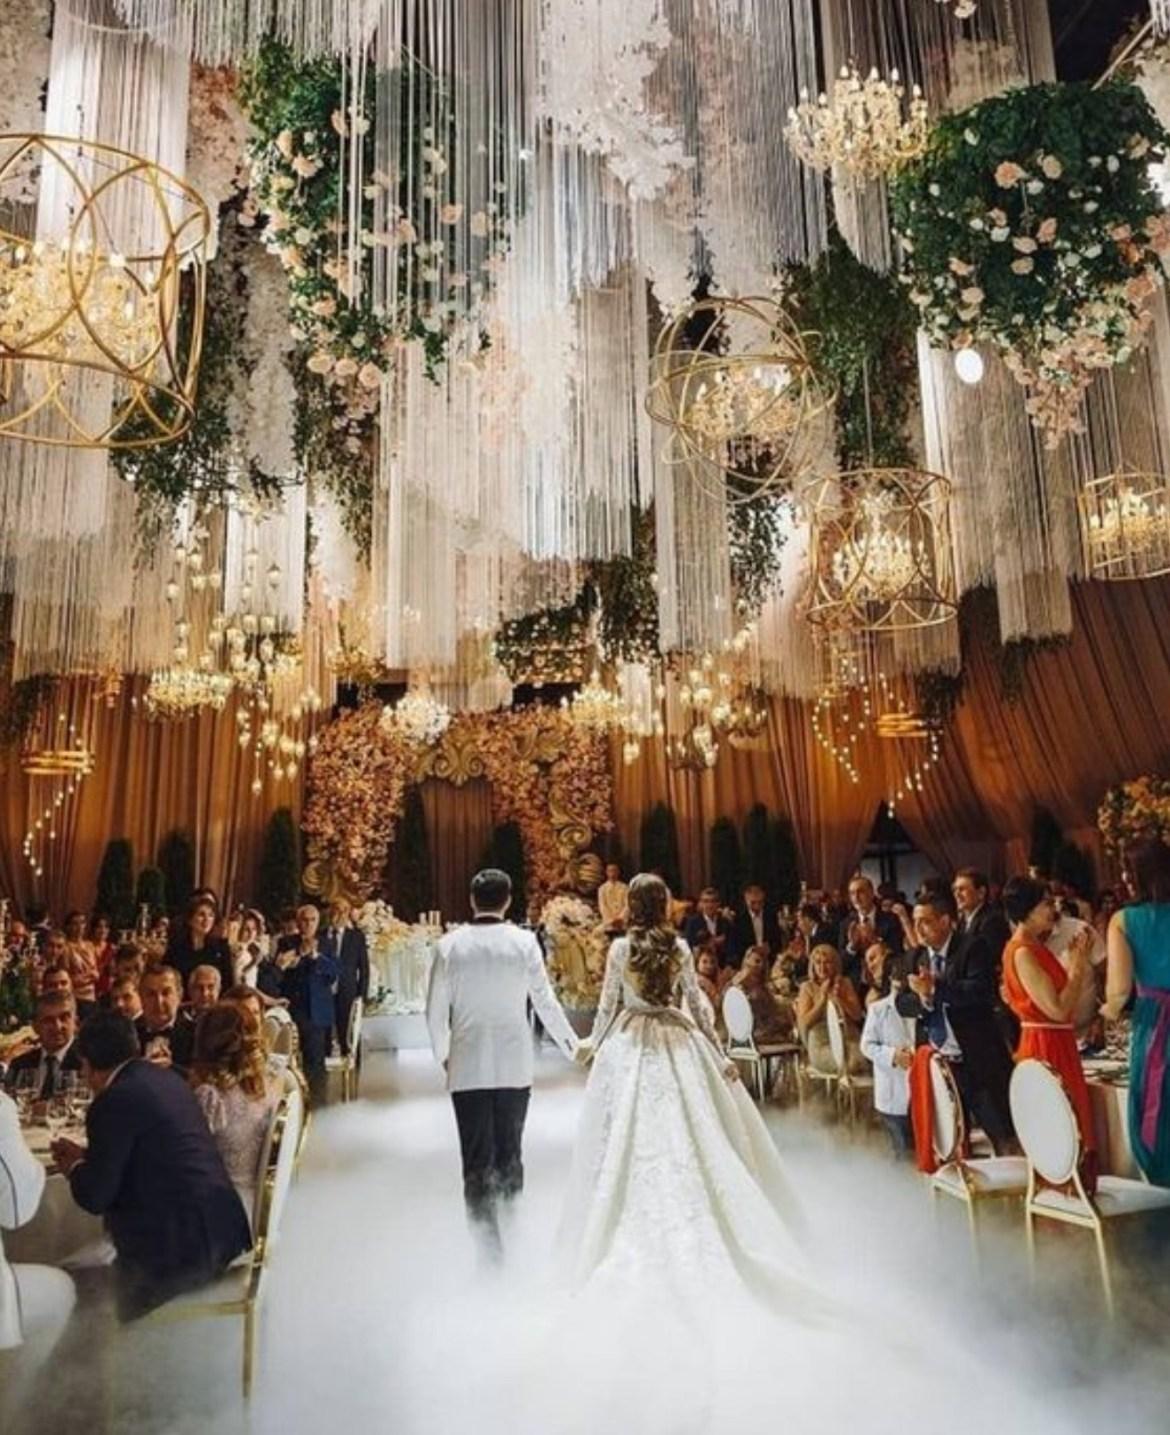 Inilah Dekorasi Pernikahan Mewah Dengan Anggaran Terjangkau